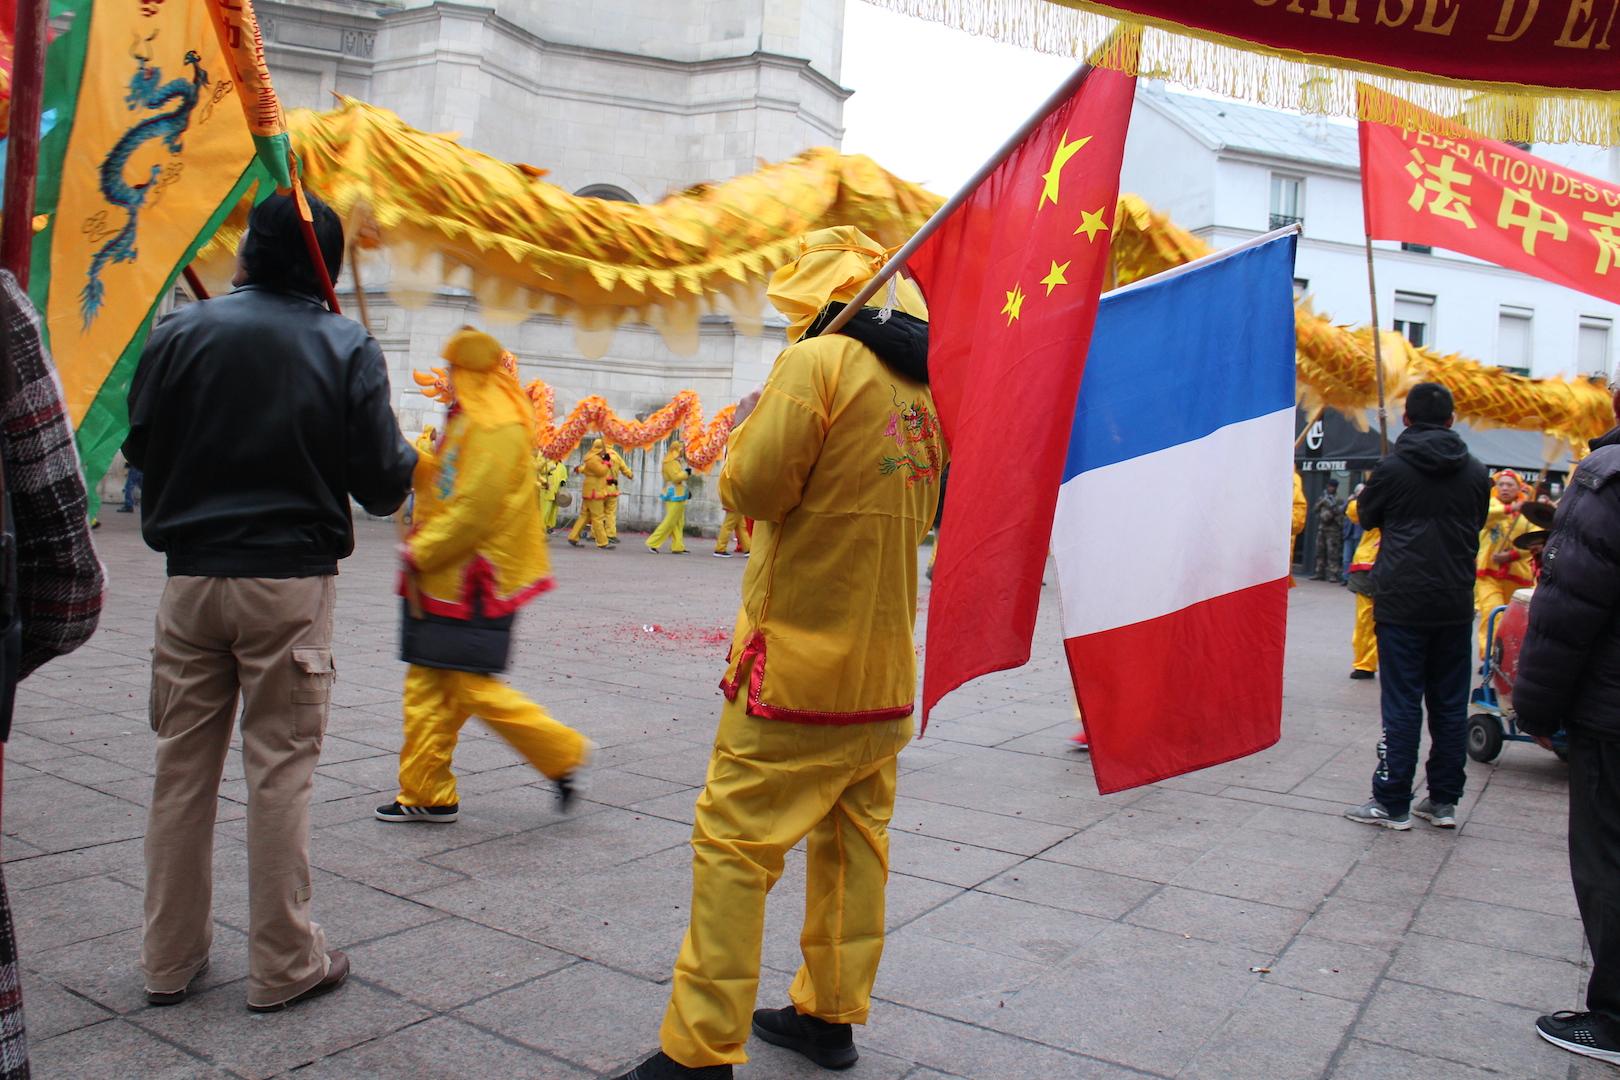 Plusieurs associations chinoises d'Aubervilliers ont effectué une danse du dragon, sous le regard des passants. (Copyright : Alice Hérait)